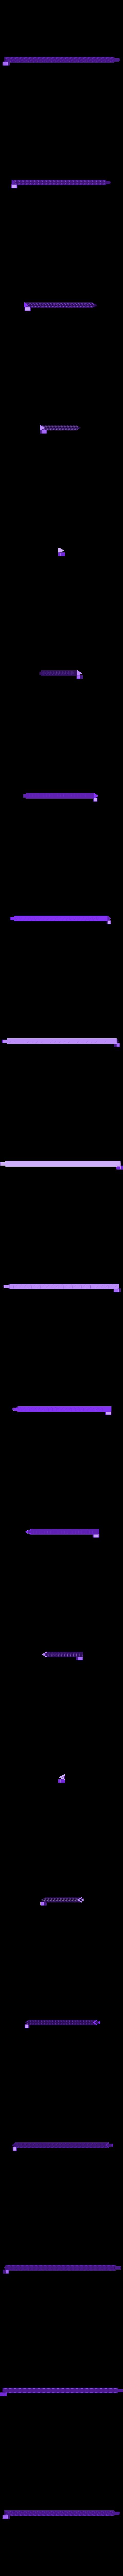 boom_03.stl Télécharger fichier STL gratuit Voyageur • Modèle imprimable en 3D, spac3D